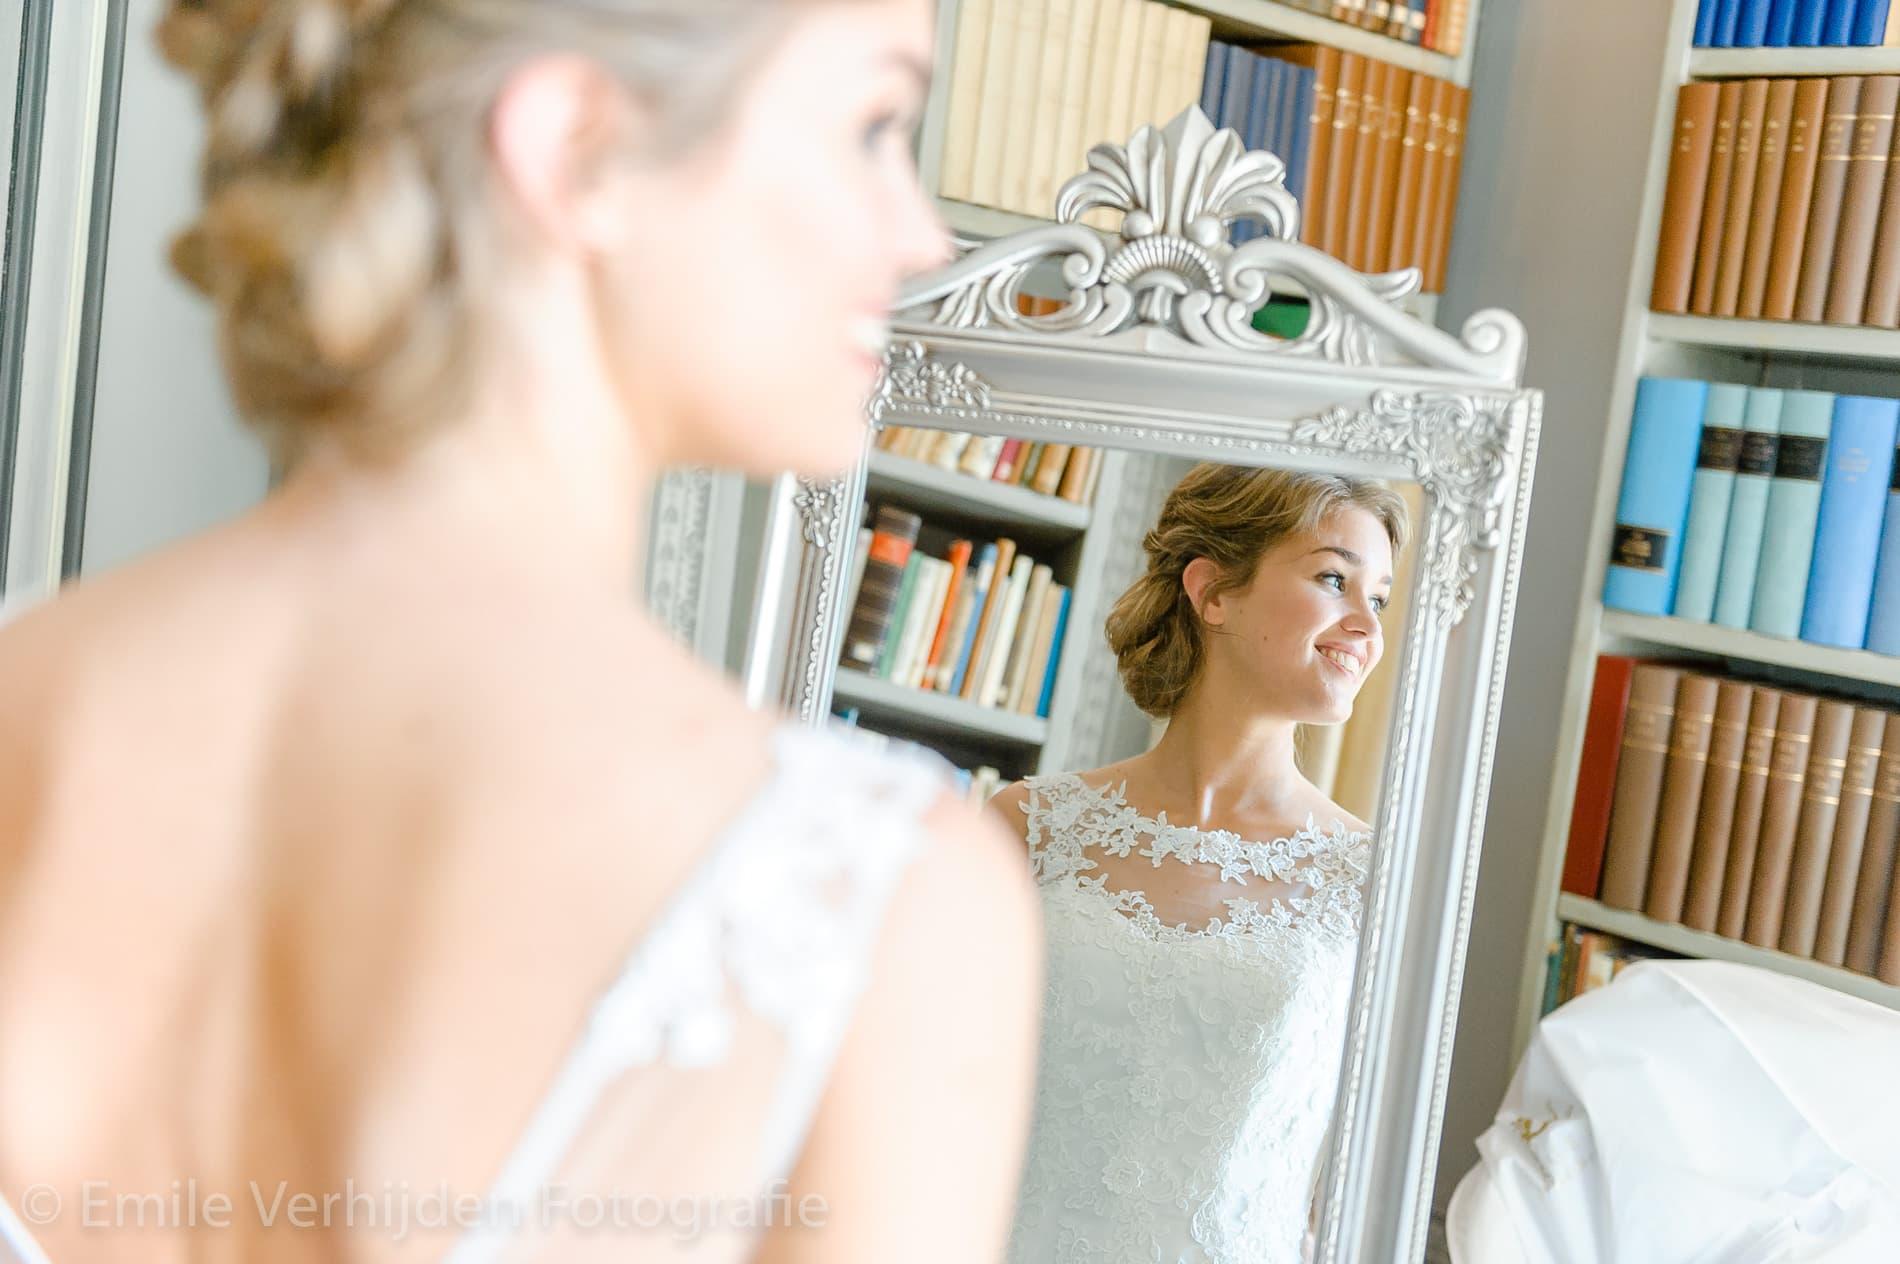 Bruid kijkt in spiegel. Trouwfotograaf Limburg Emile Verhijden